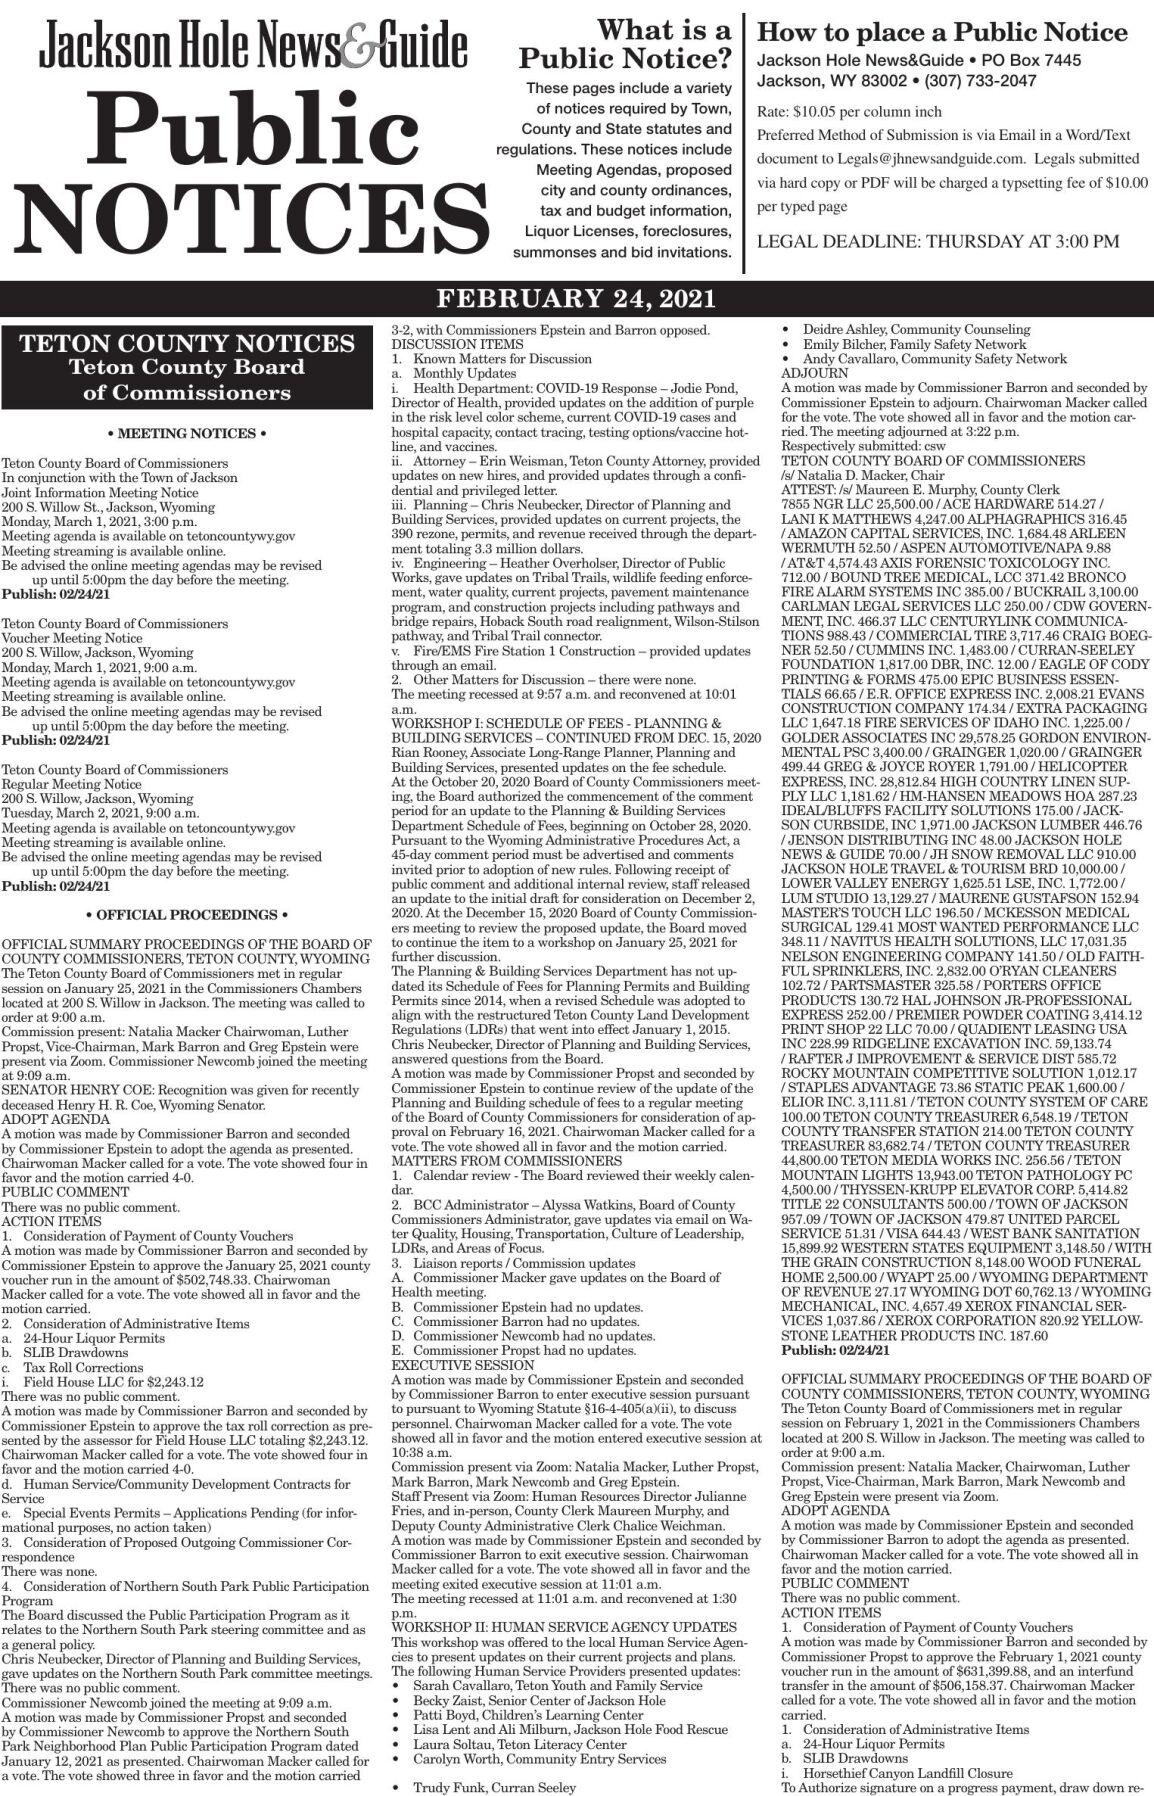 Public Notices, Feb. 24 2021